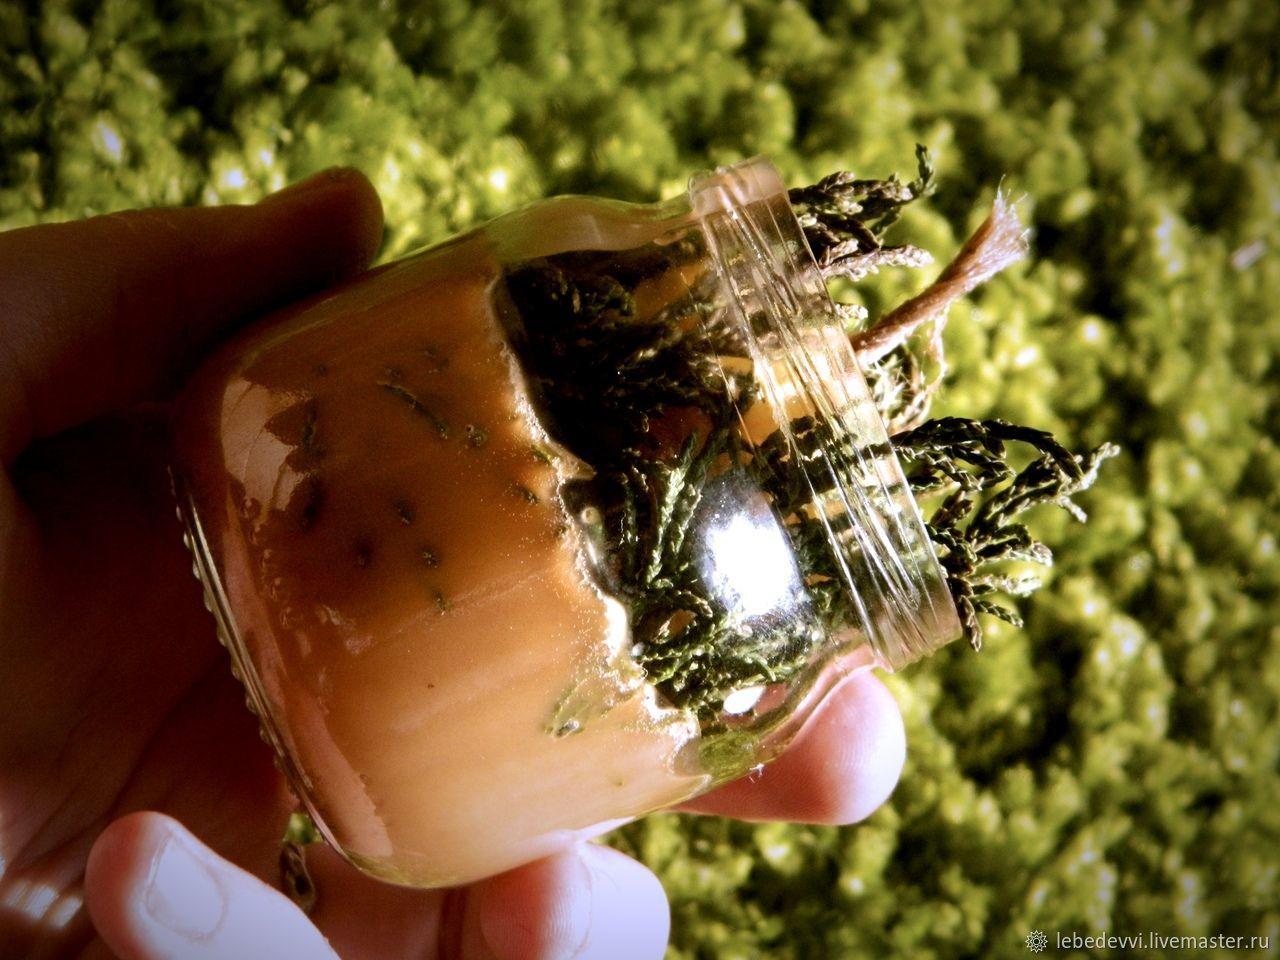 Свечи ручной работы. Ярмарка Мастеров - ручная работа. Купить Свеча в банке Колдовской лес. Handmade. Зеленый, пихта, артыш